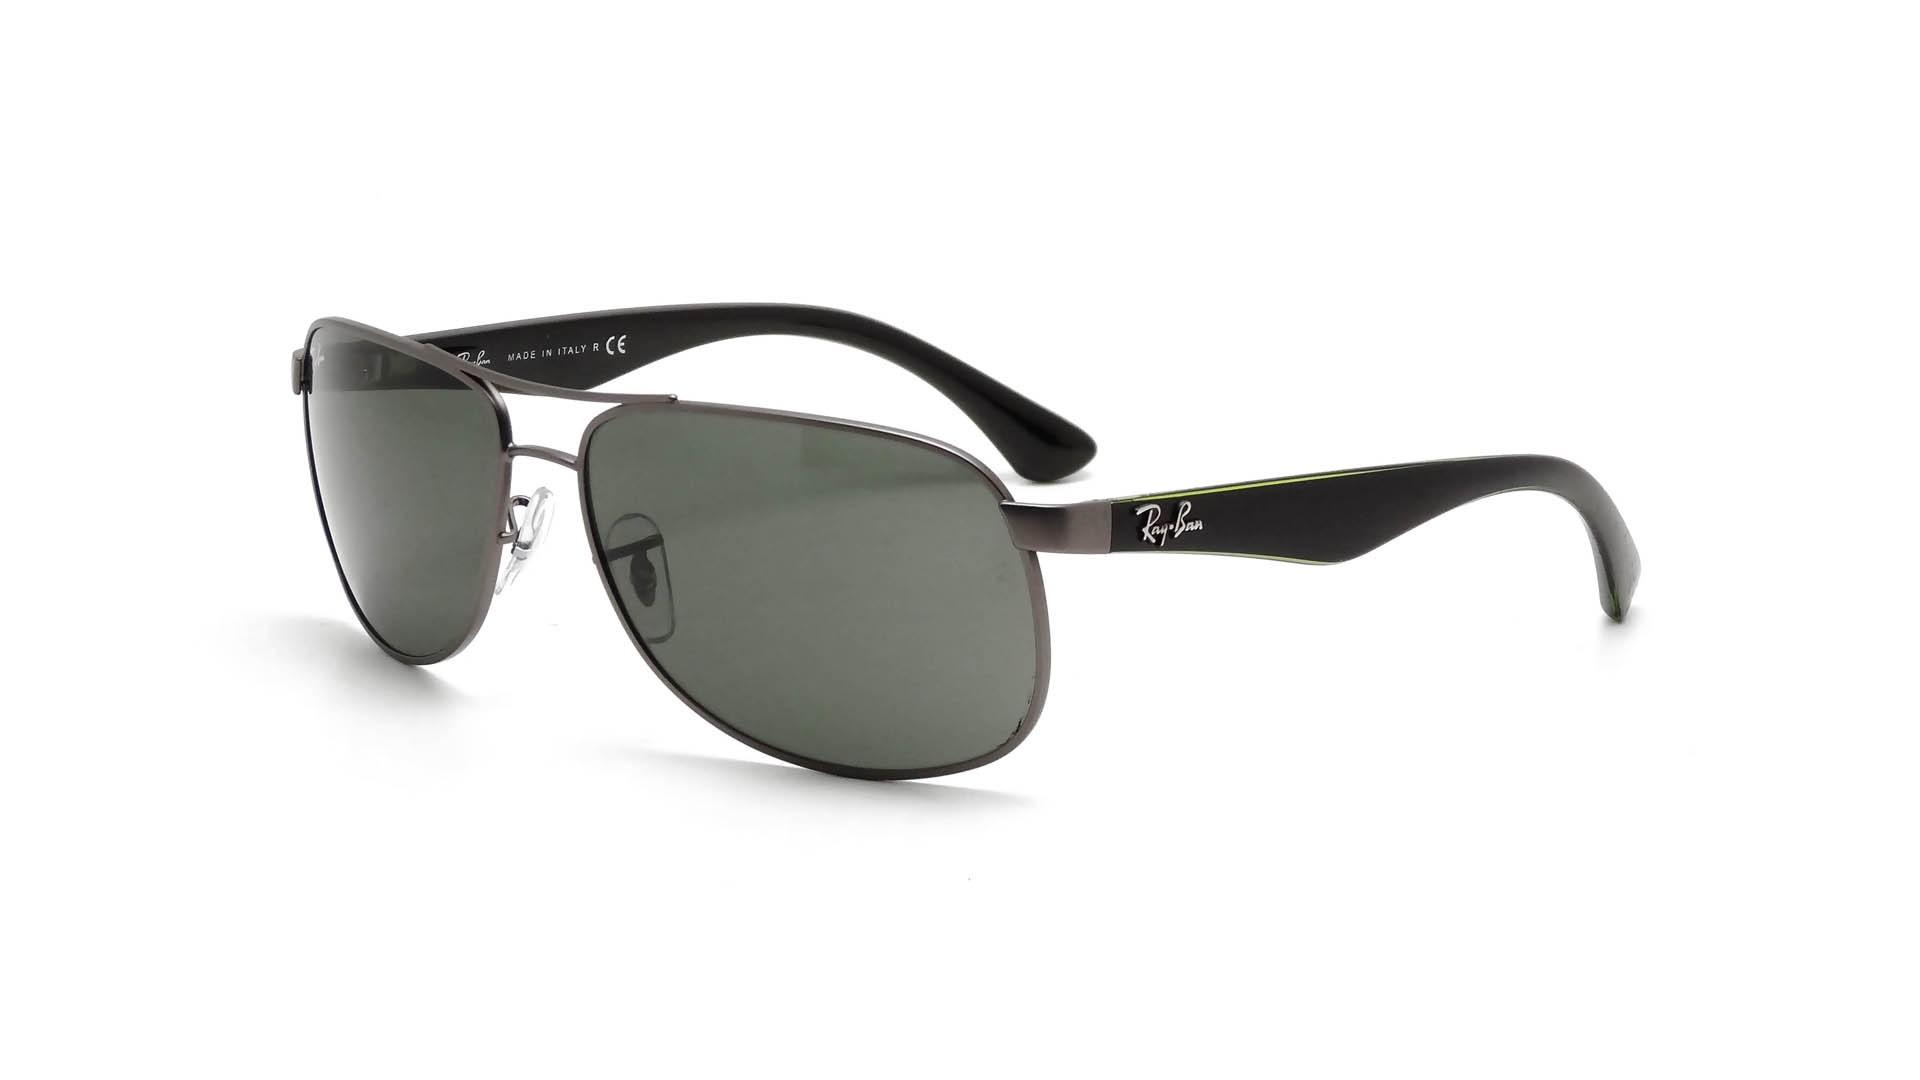 14d5e954d76 Sunglasses Ray-Ban RB3502 029 61-14 Black Large